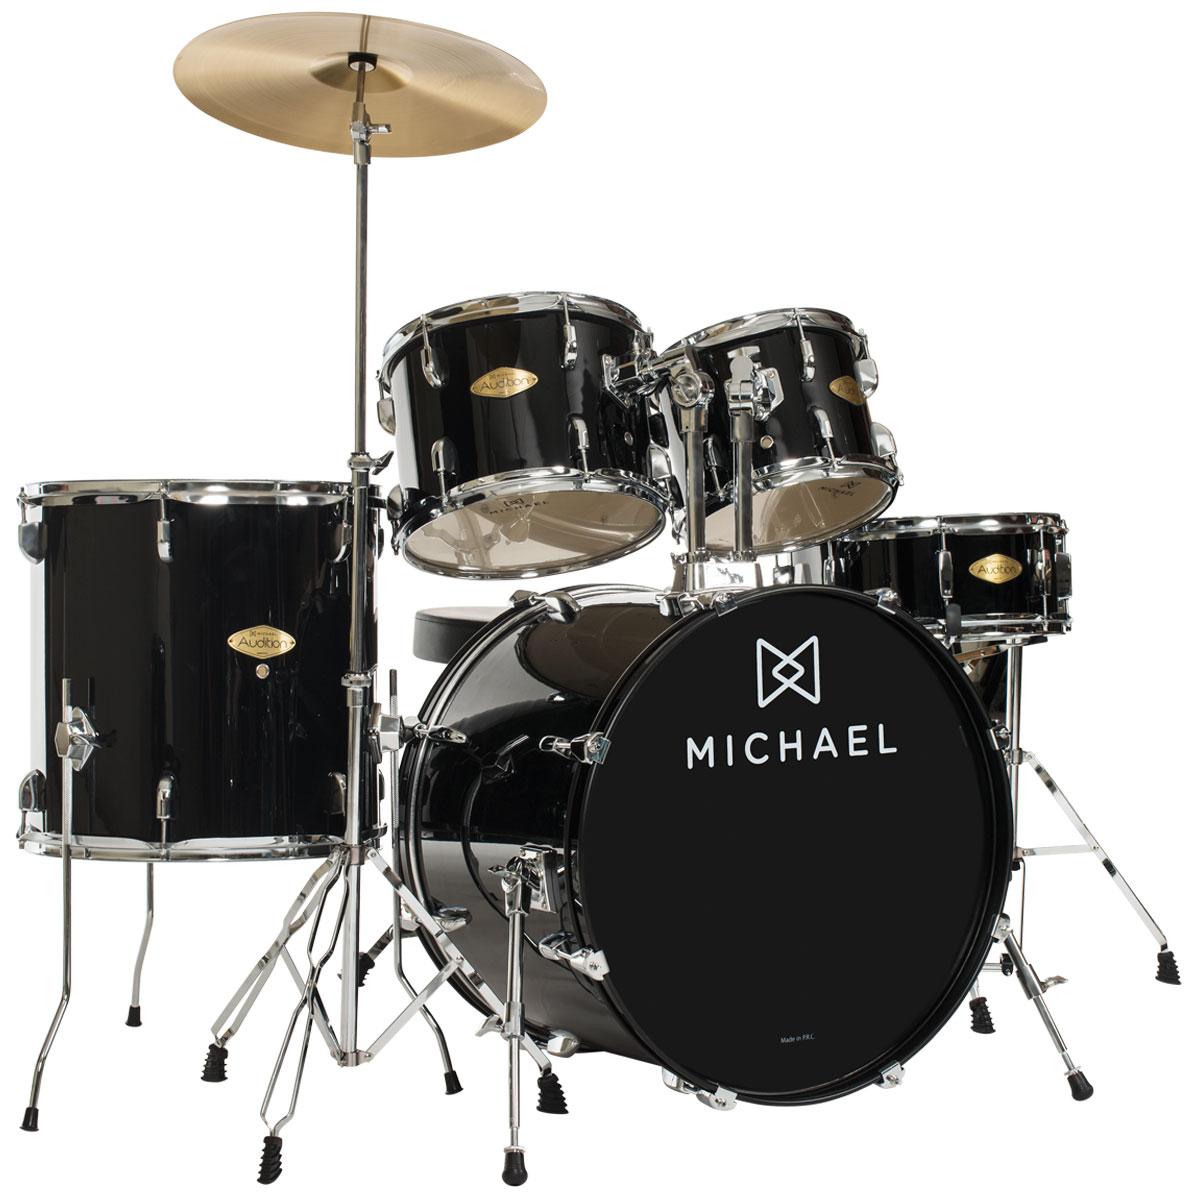 Bateria Acústica Bumbo 18 Polegadas Audition DM826 BK Preta - Michael